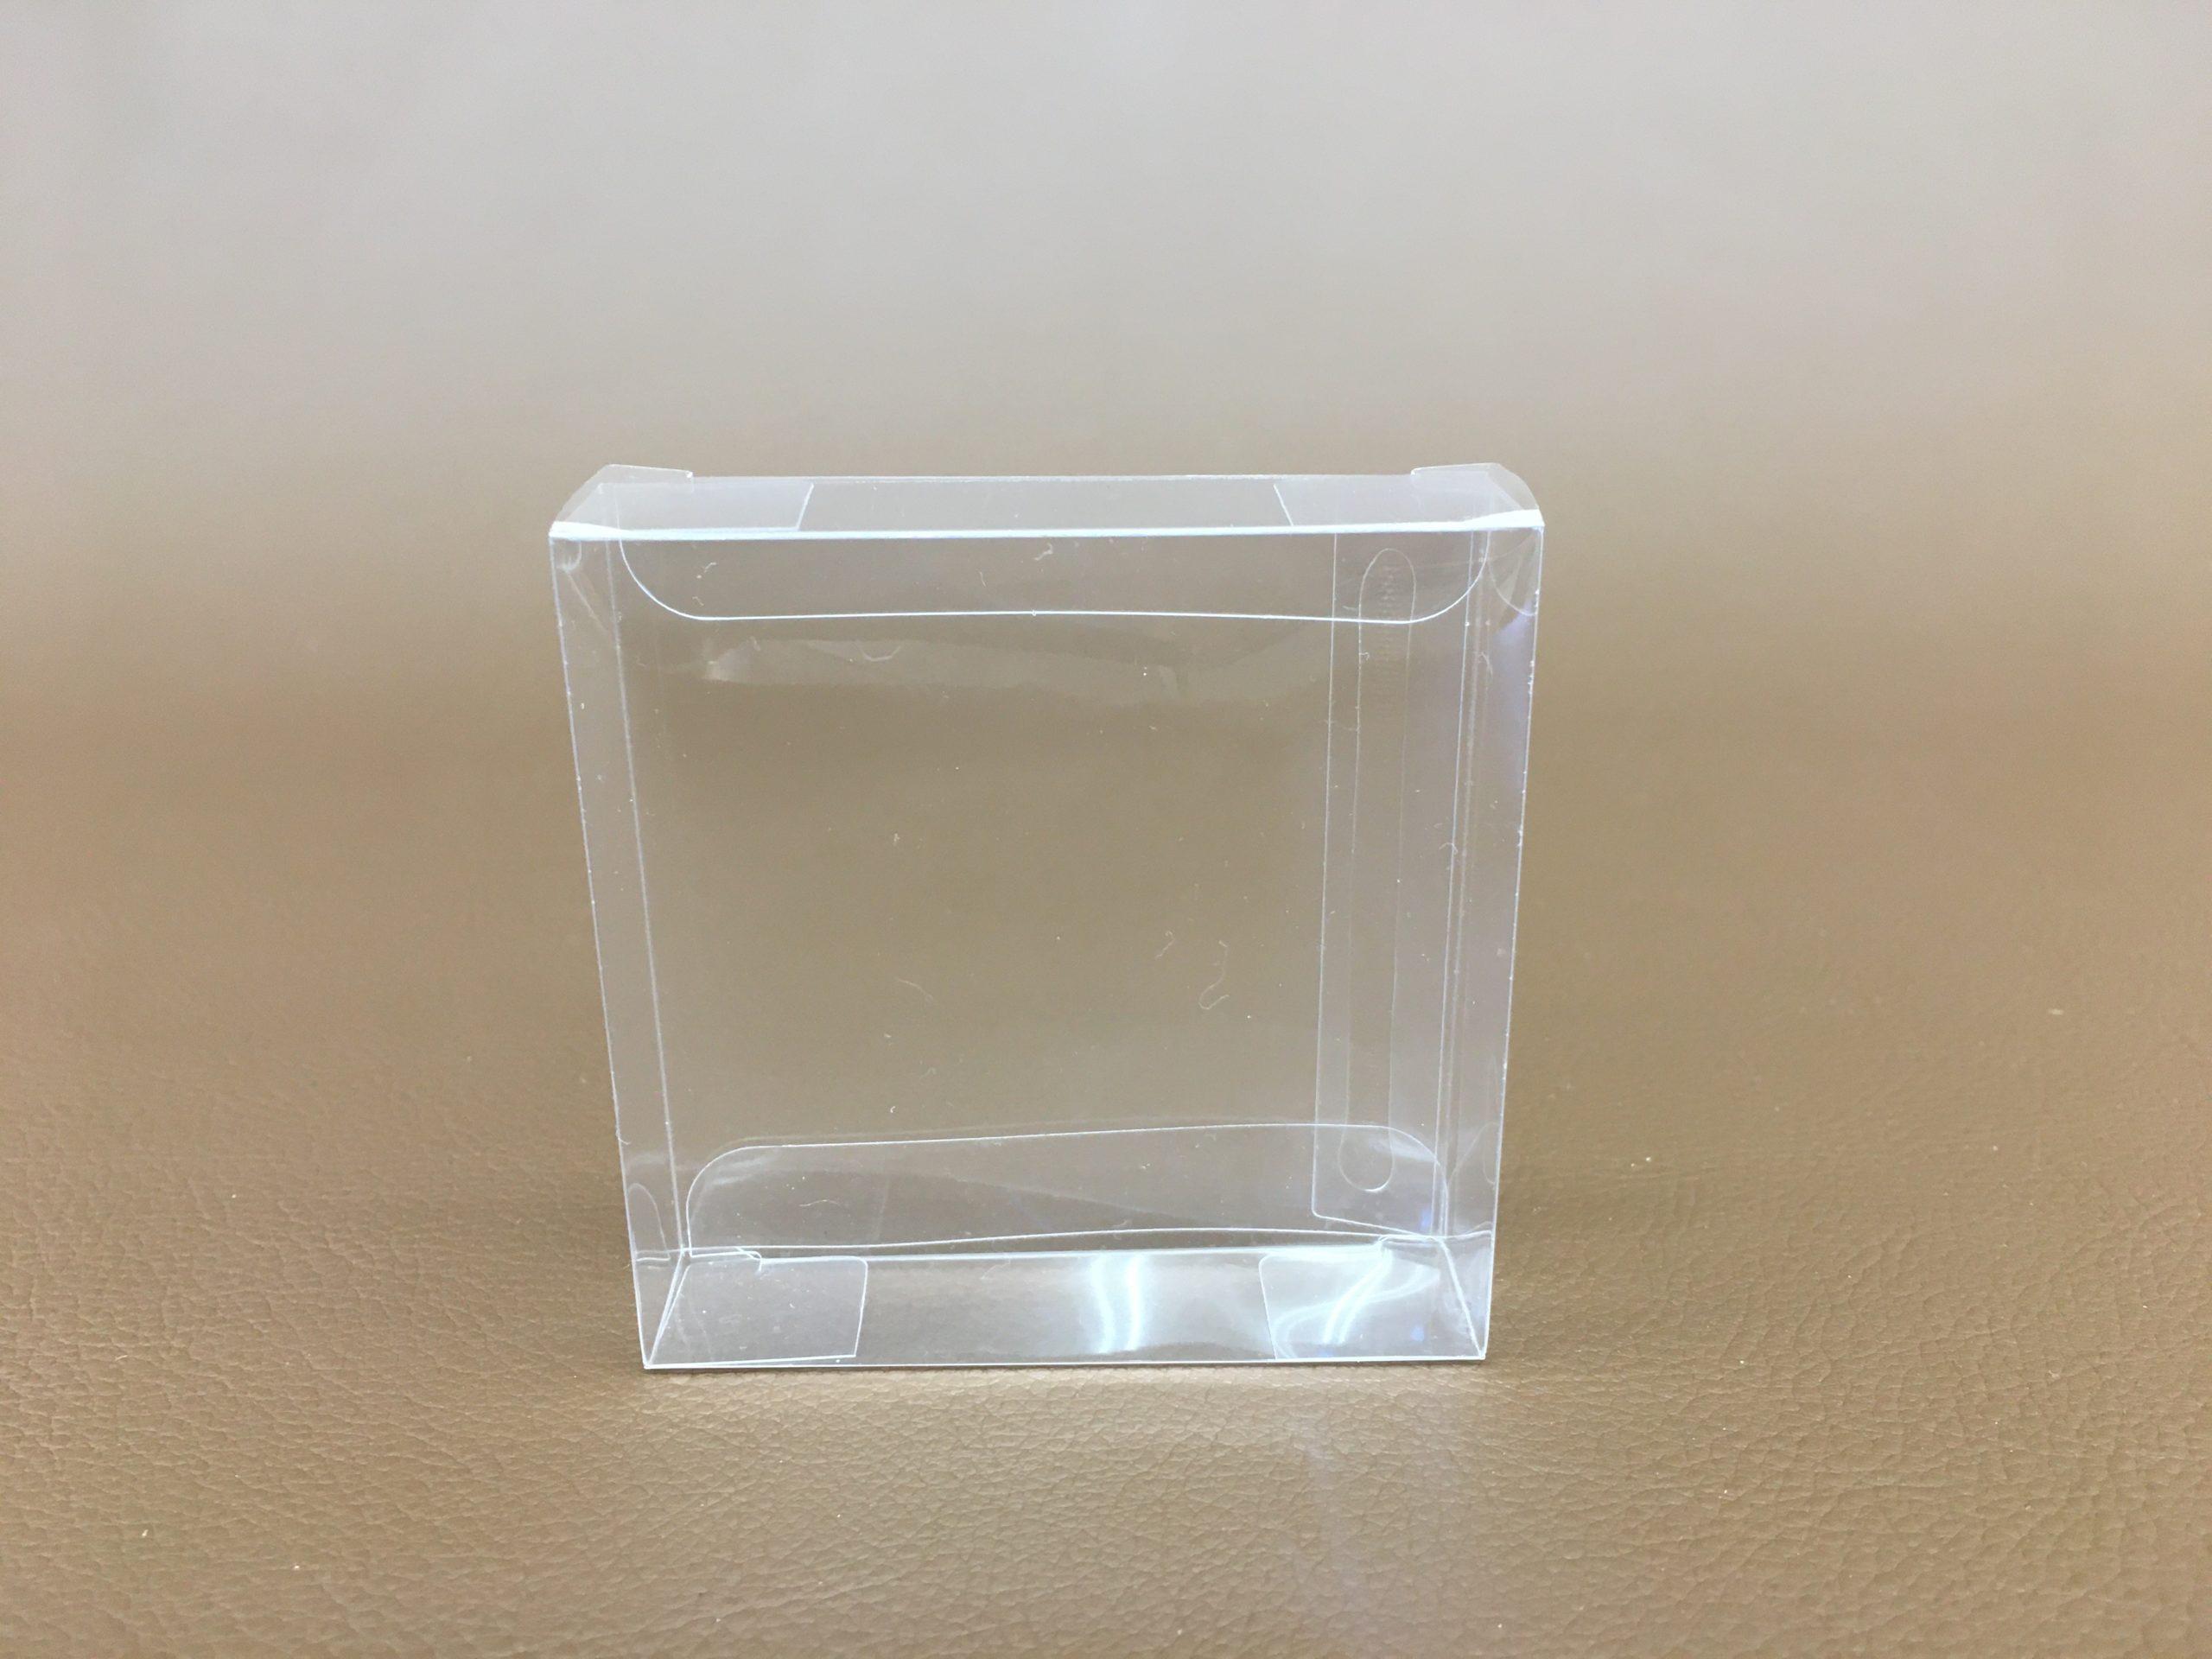 キャラメルケースPET 0.2厚 W72mmxD18mmxH72mm